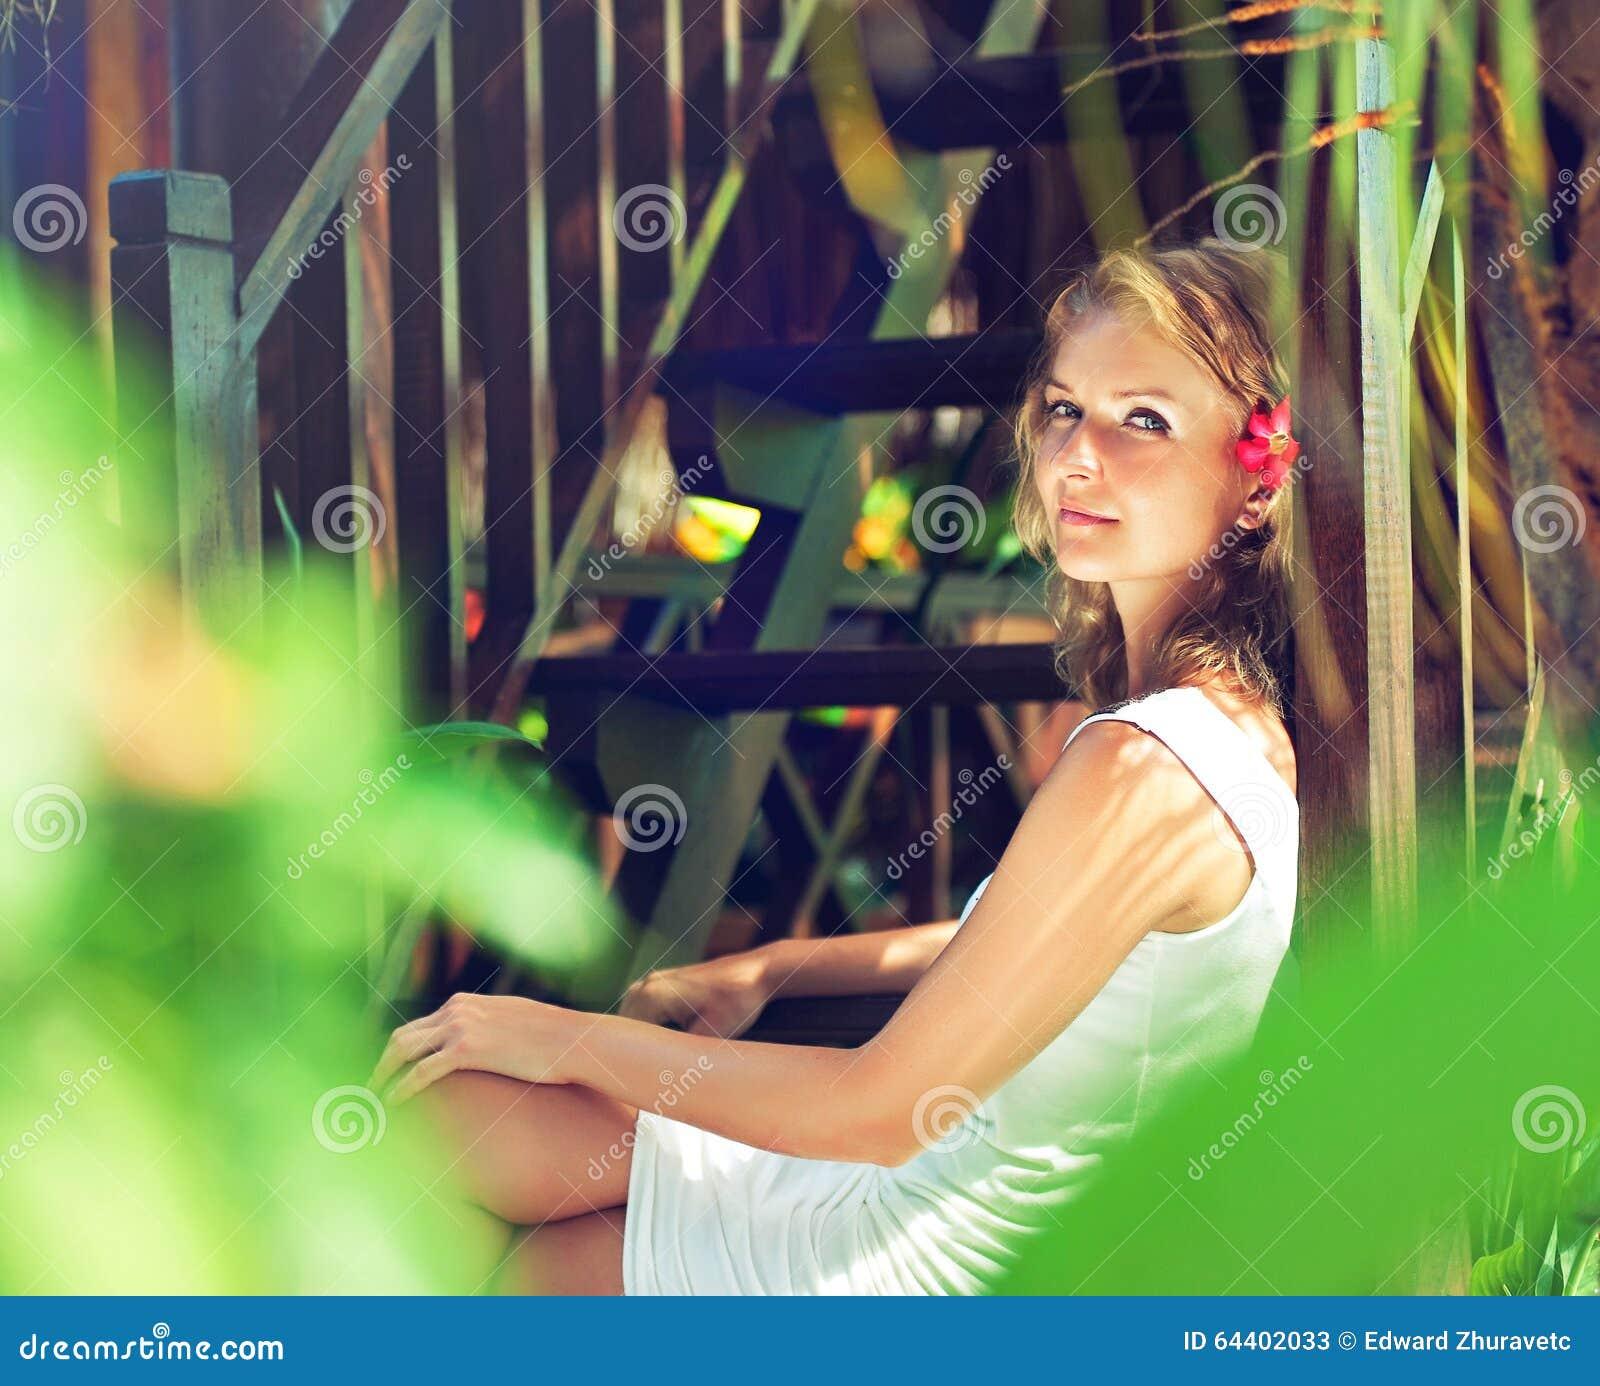 De jonge vrouw, omringde groene installaties